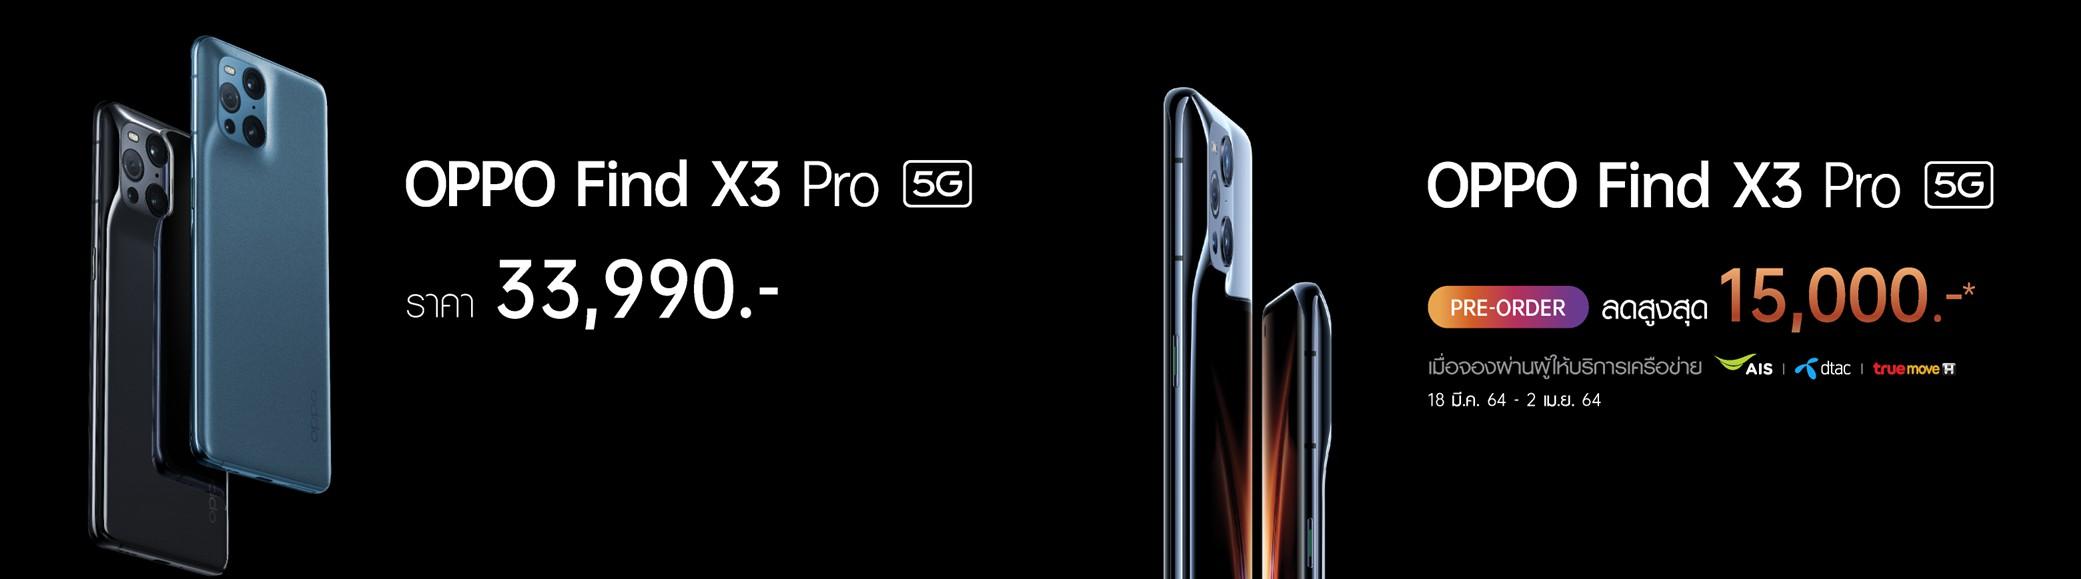 OPPO Find X3 Pro 5G (10)